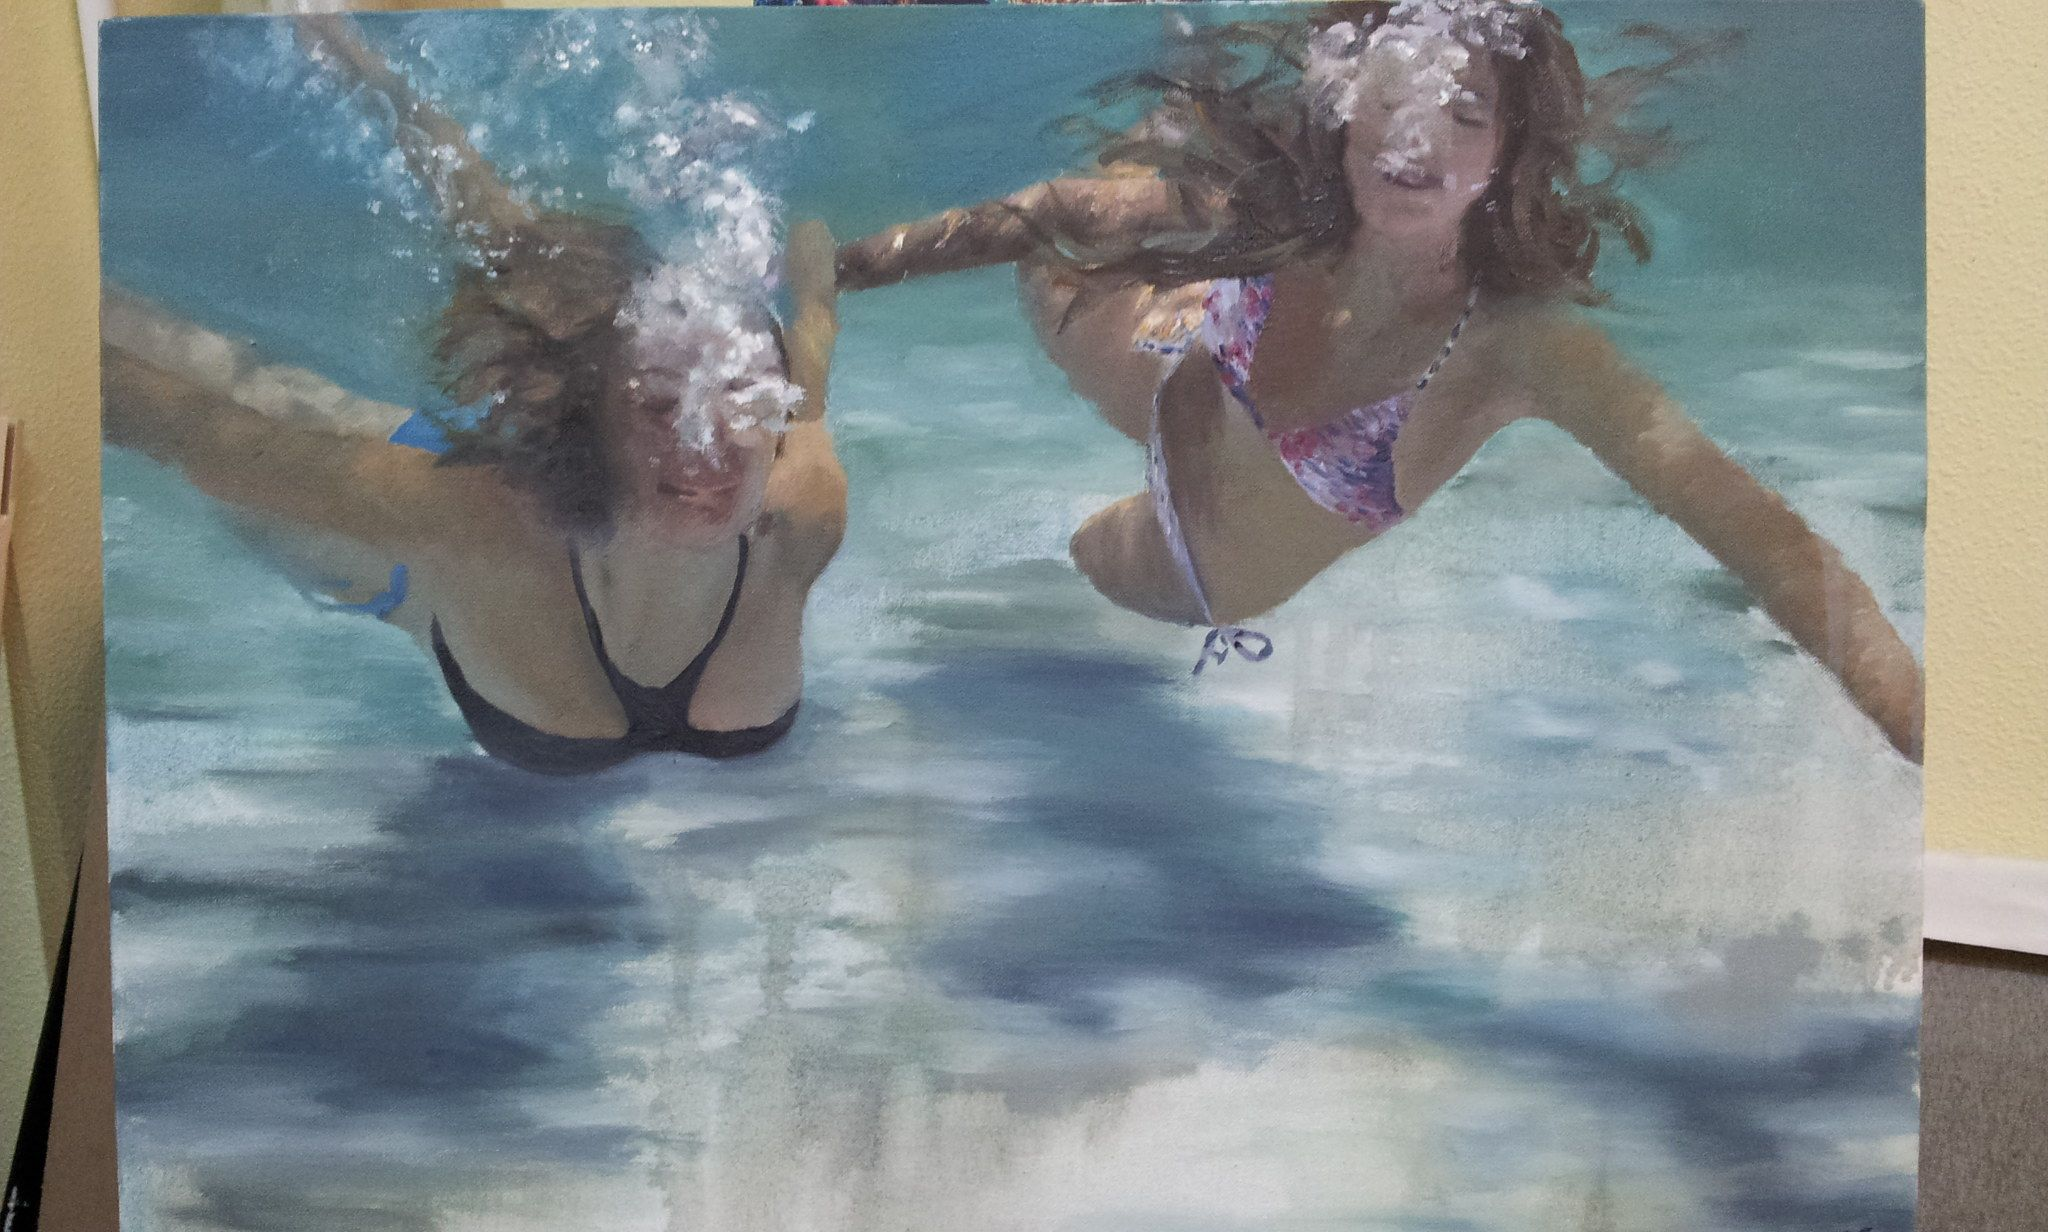 Sirenas 2. Las sirenas de frente y flotando. También en Cerdeña